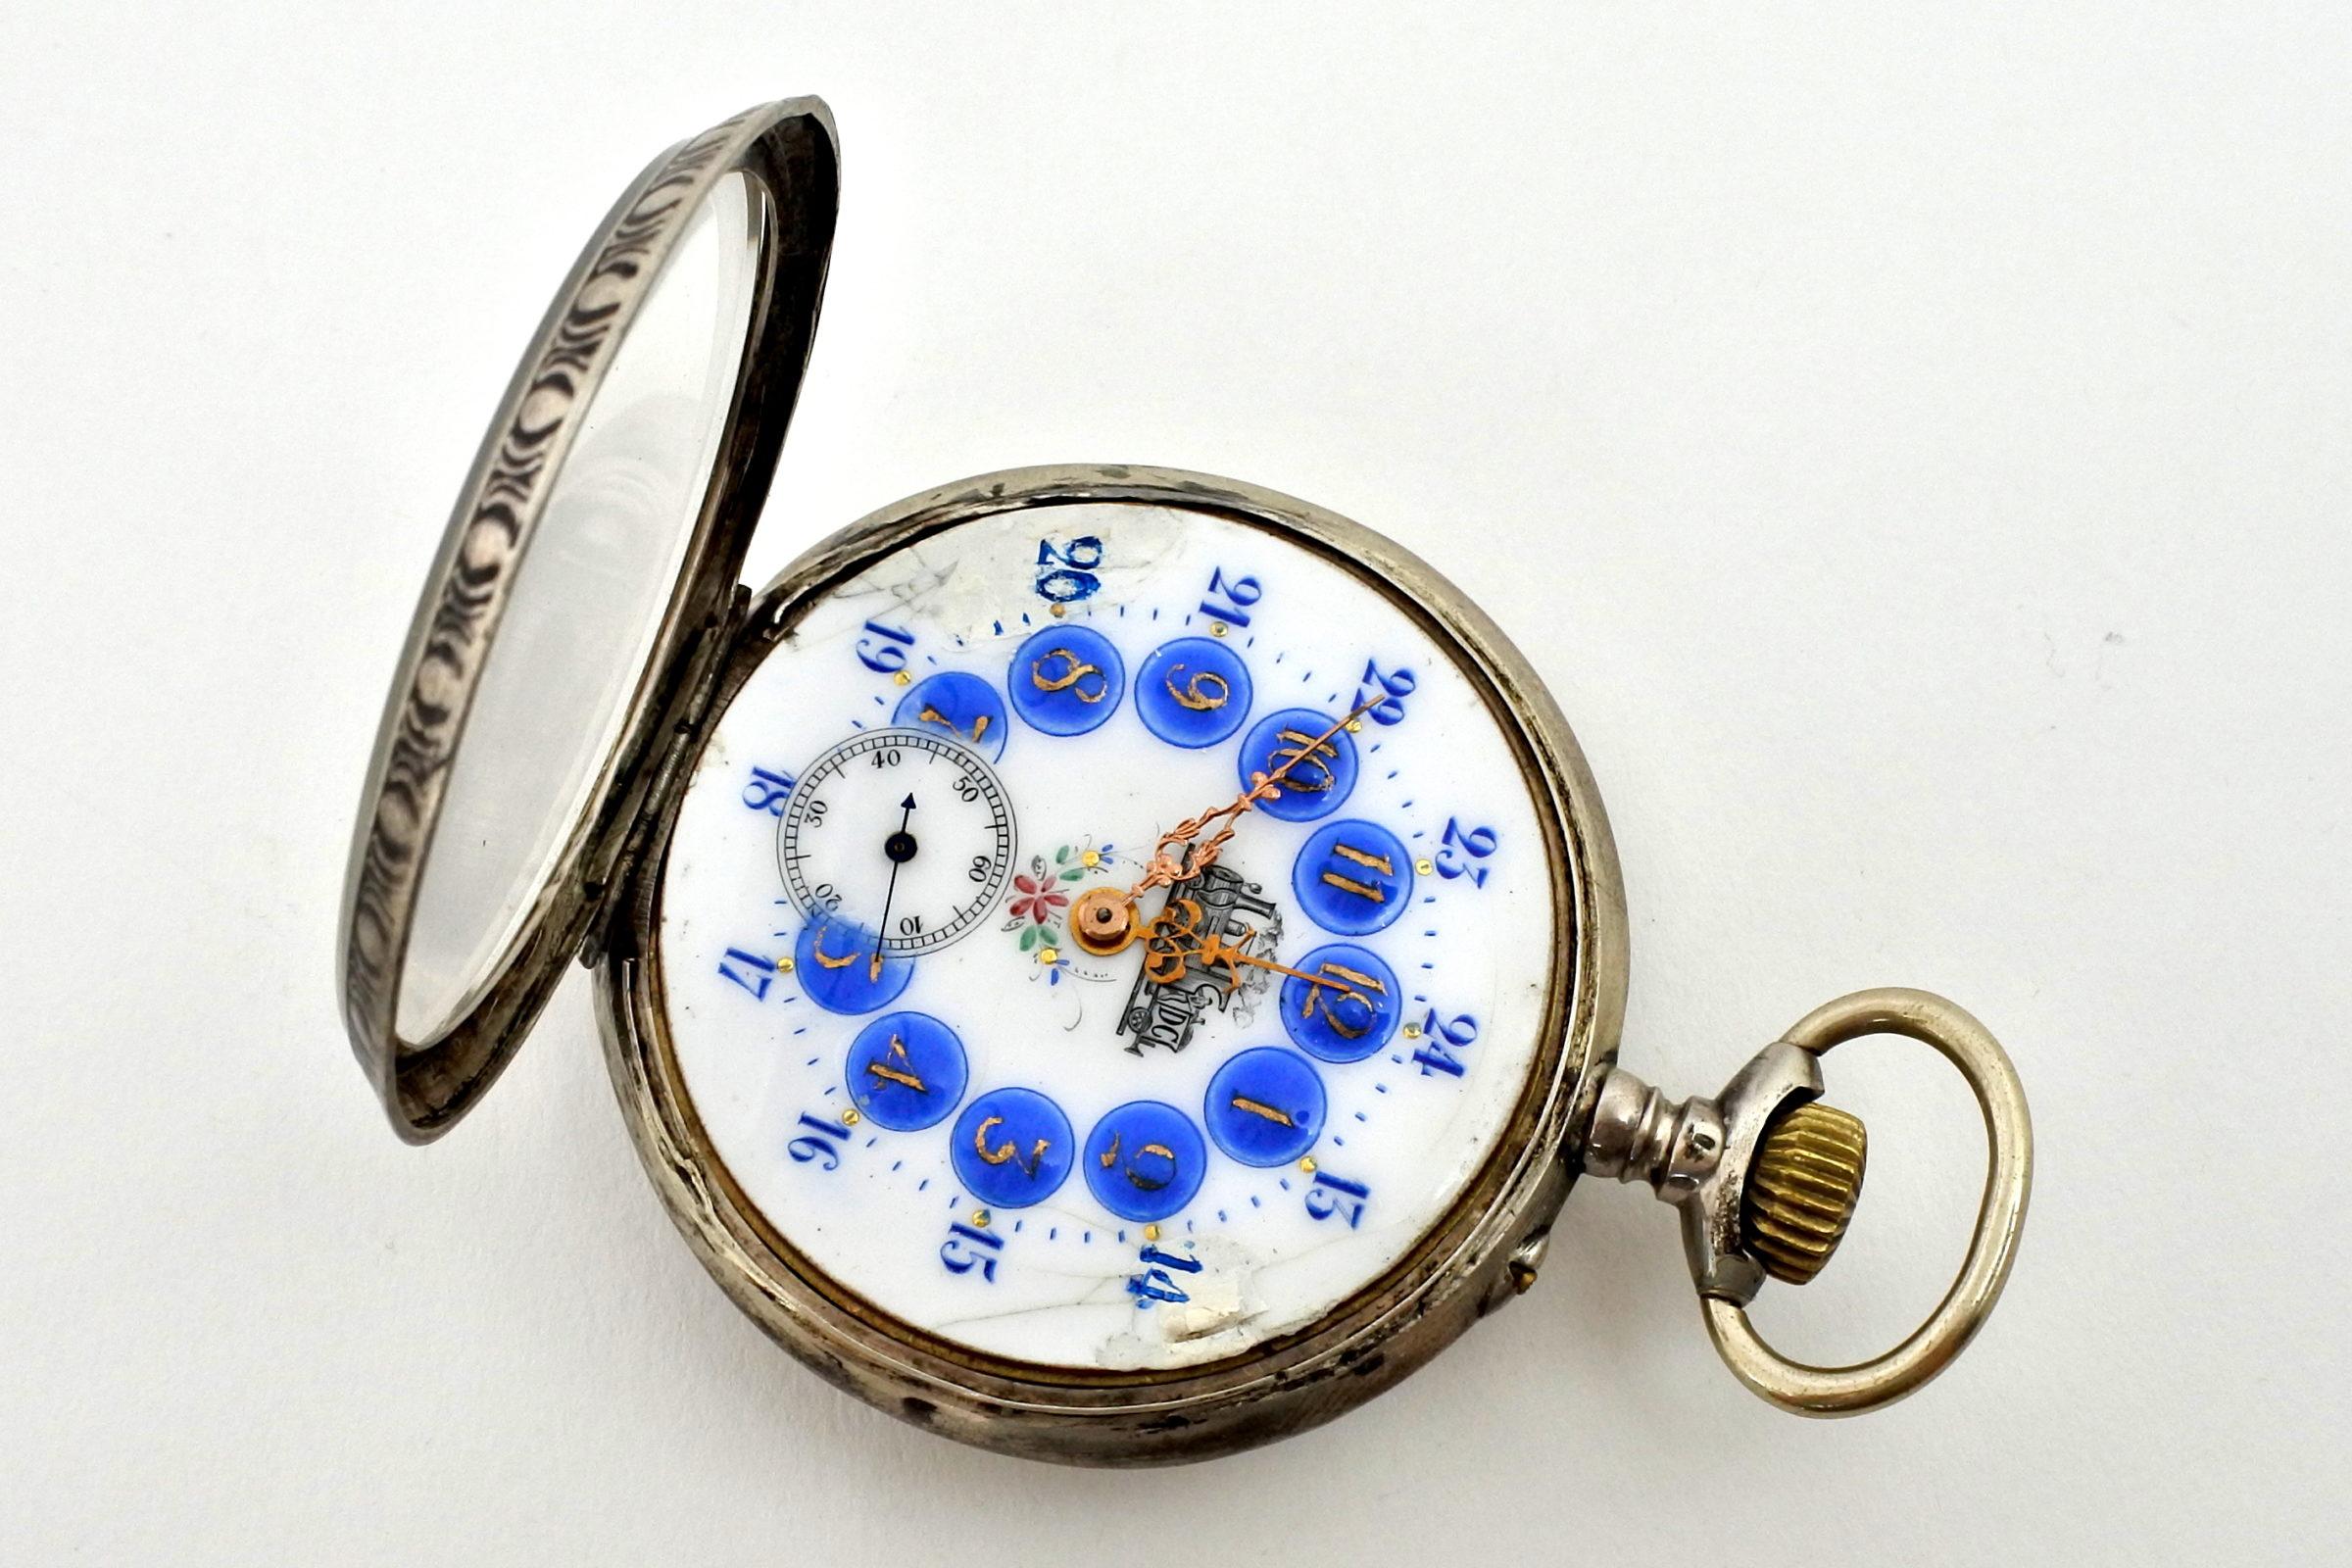 Orologio da tasca in argento con treno su quadrante - 5